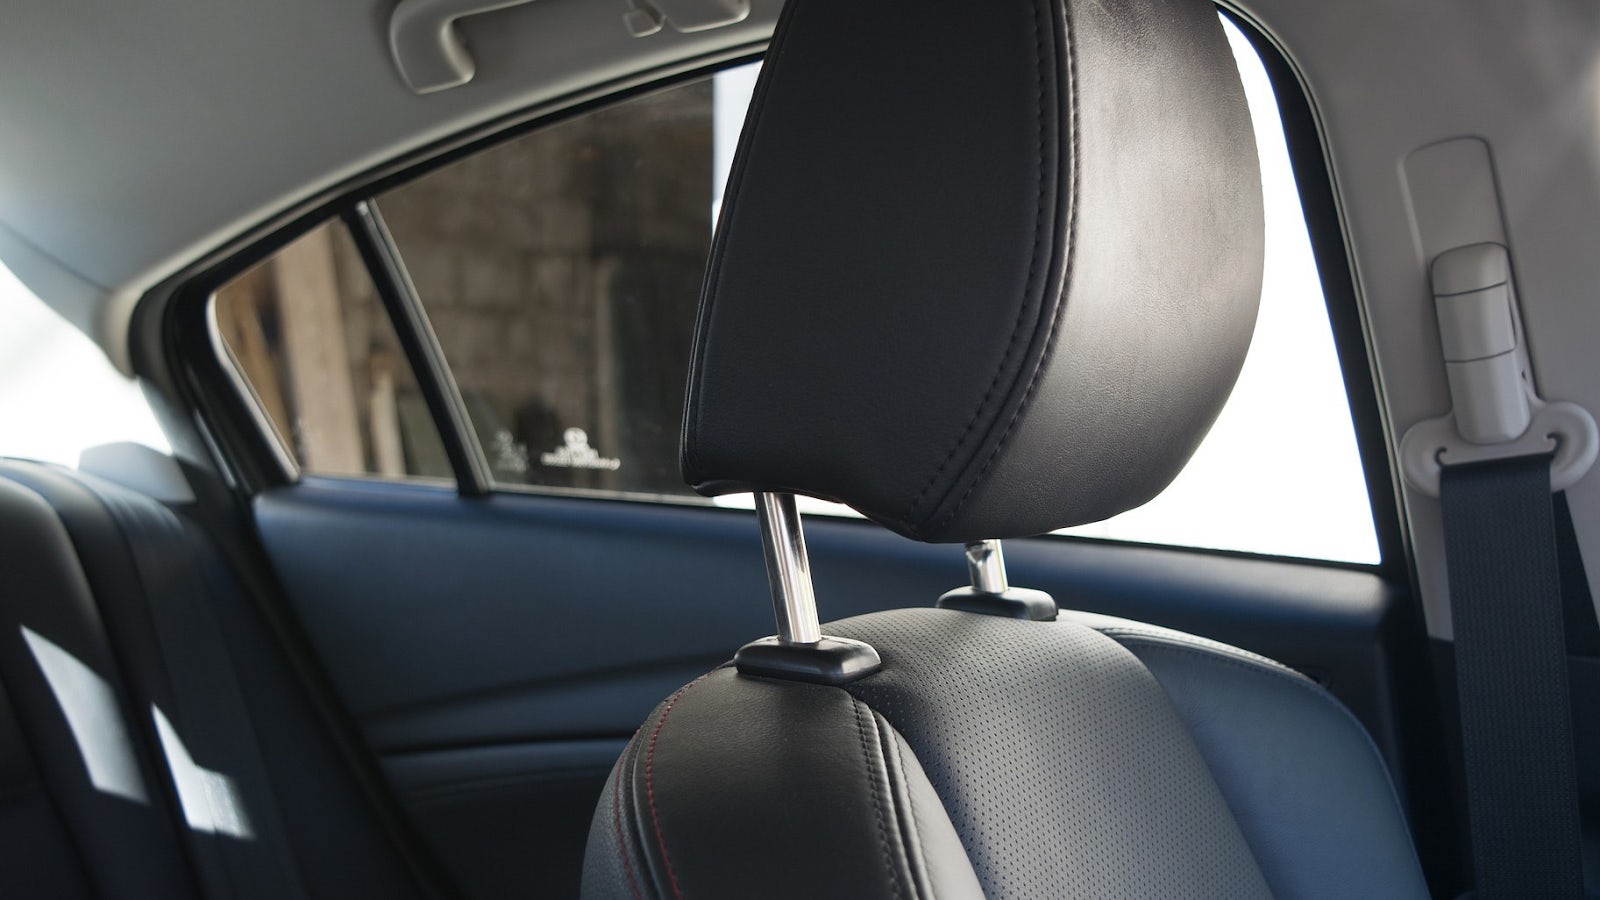 Bild på ett huvudskydd i en bil.